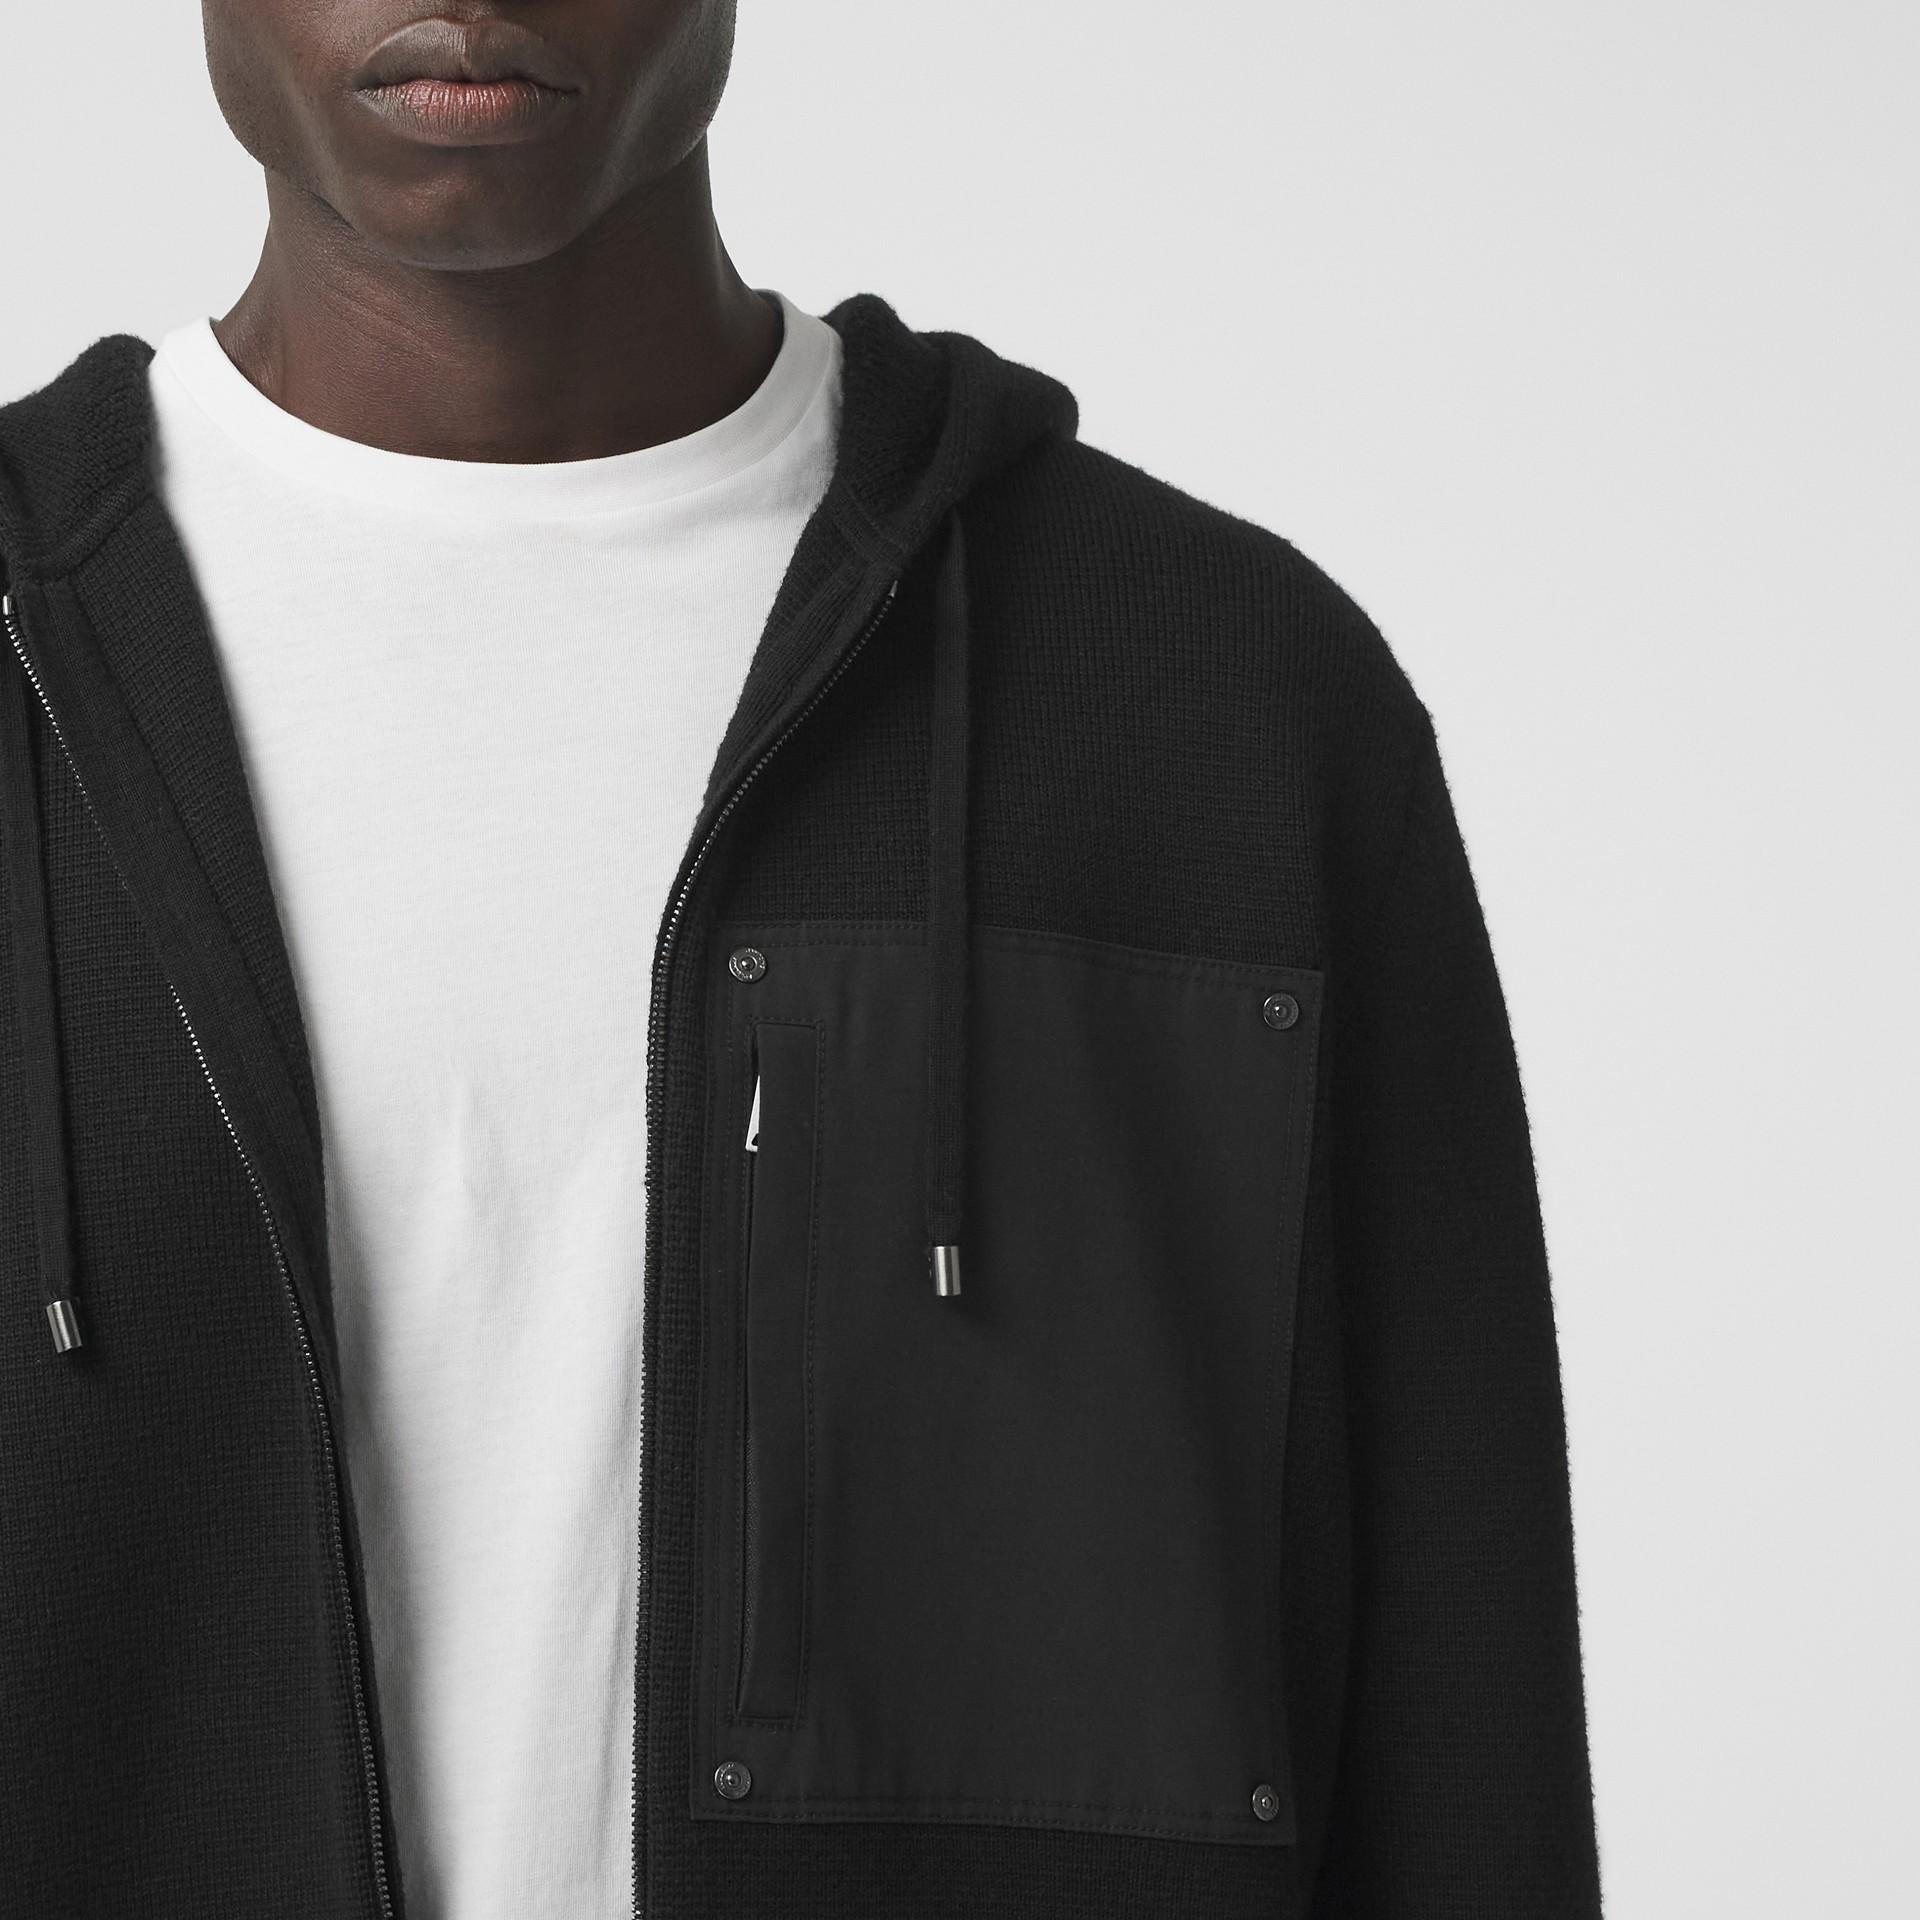 Contrast Pocket Wool Hooded Top in Black - Men | Burberry - gallery image 1